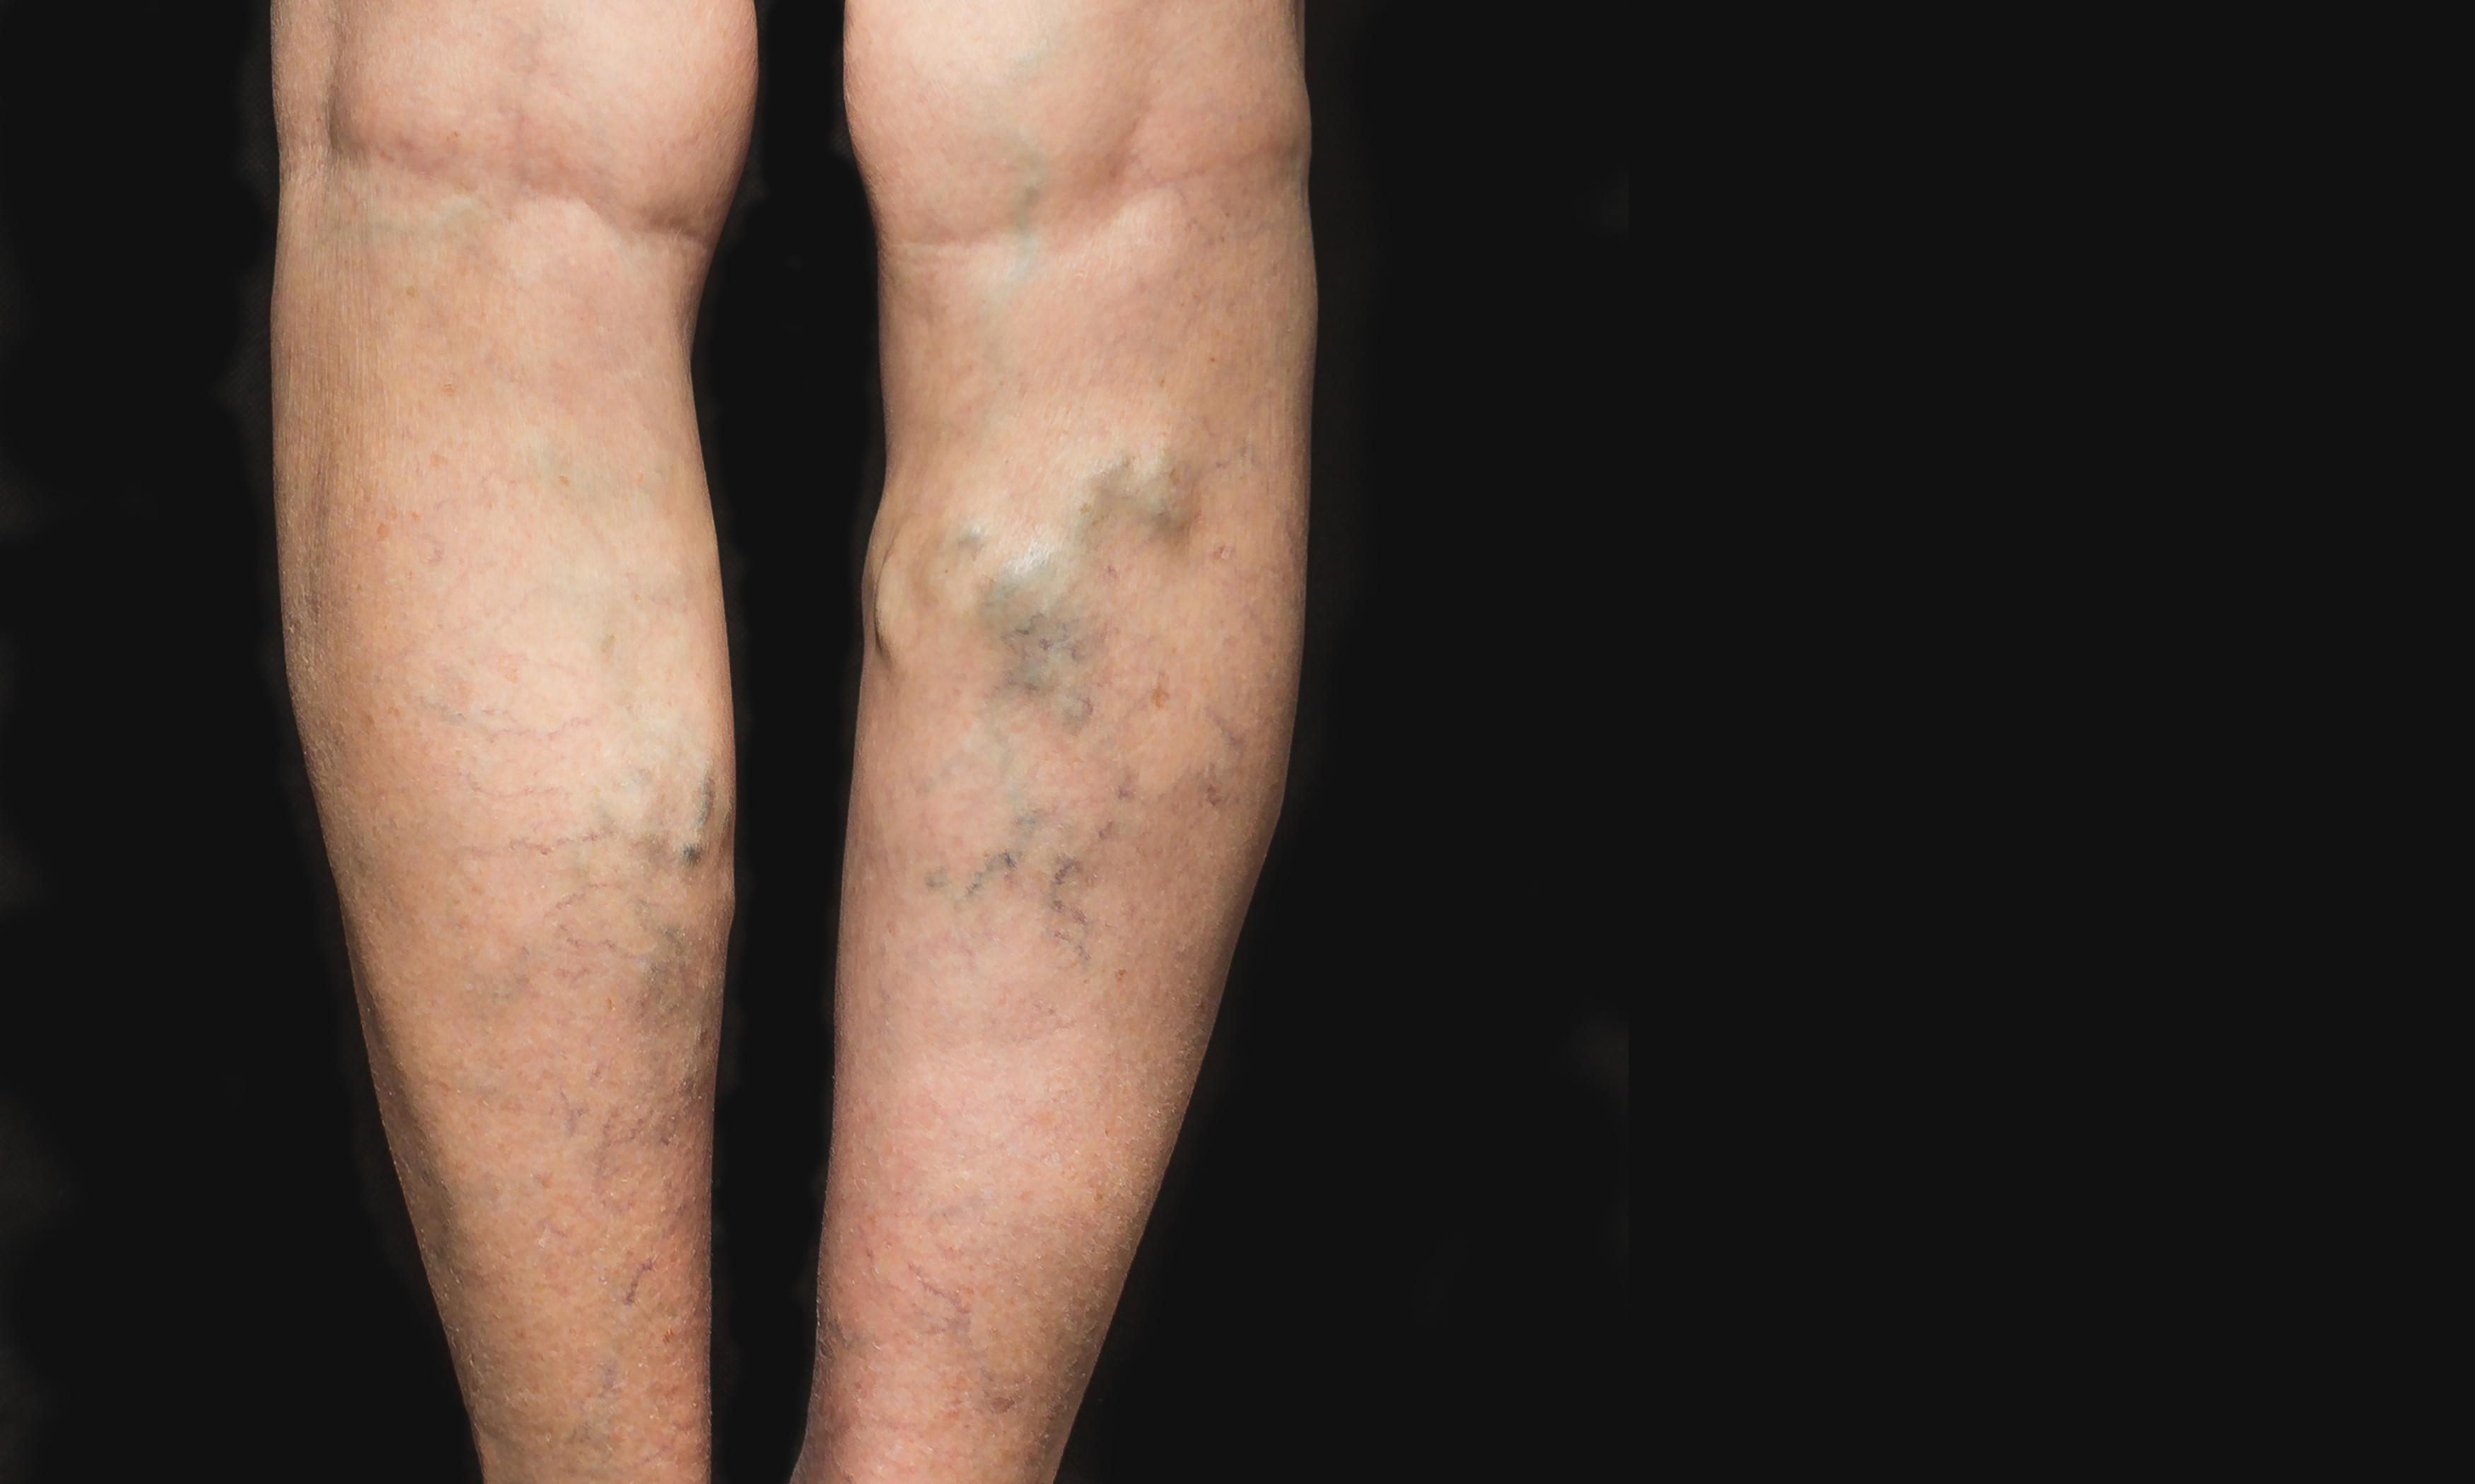 van kenőcs a varikozmusért?